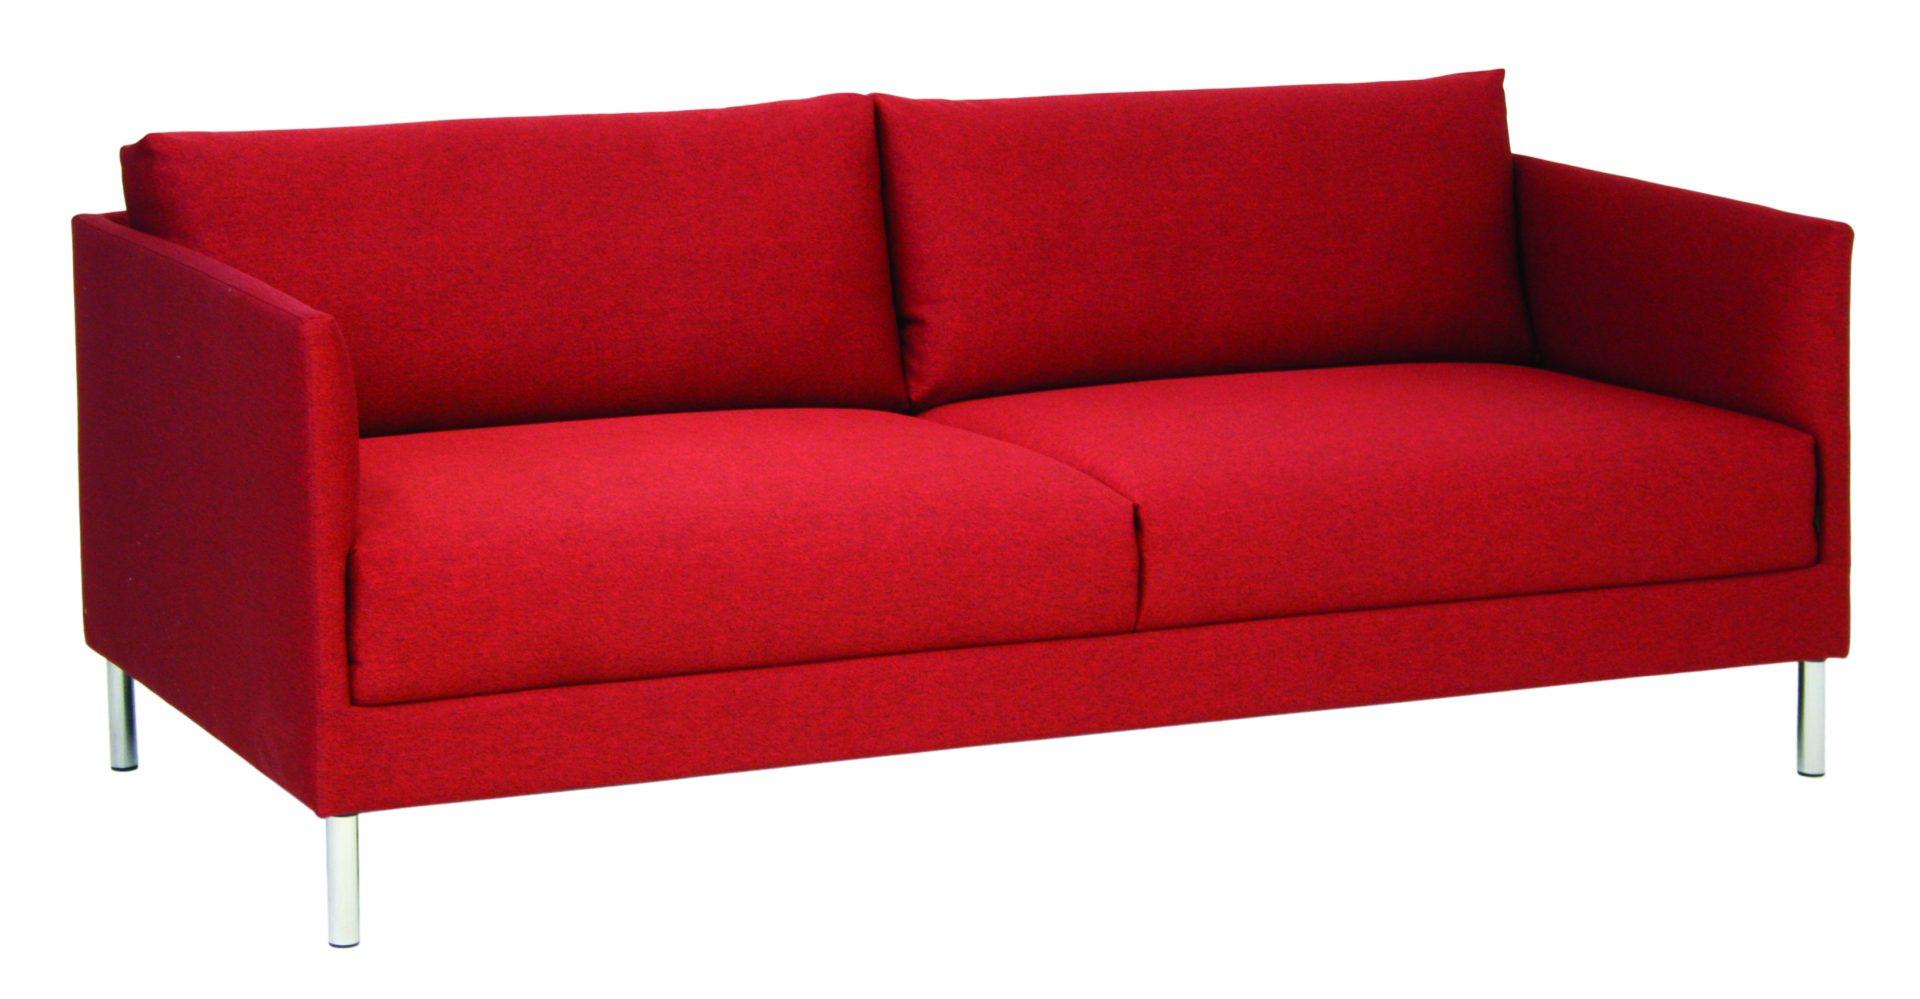 Hyde-1800-sofa-b.jpg